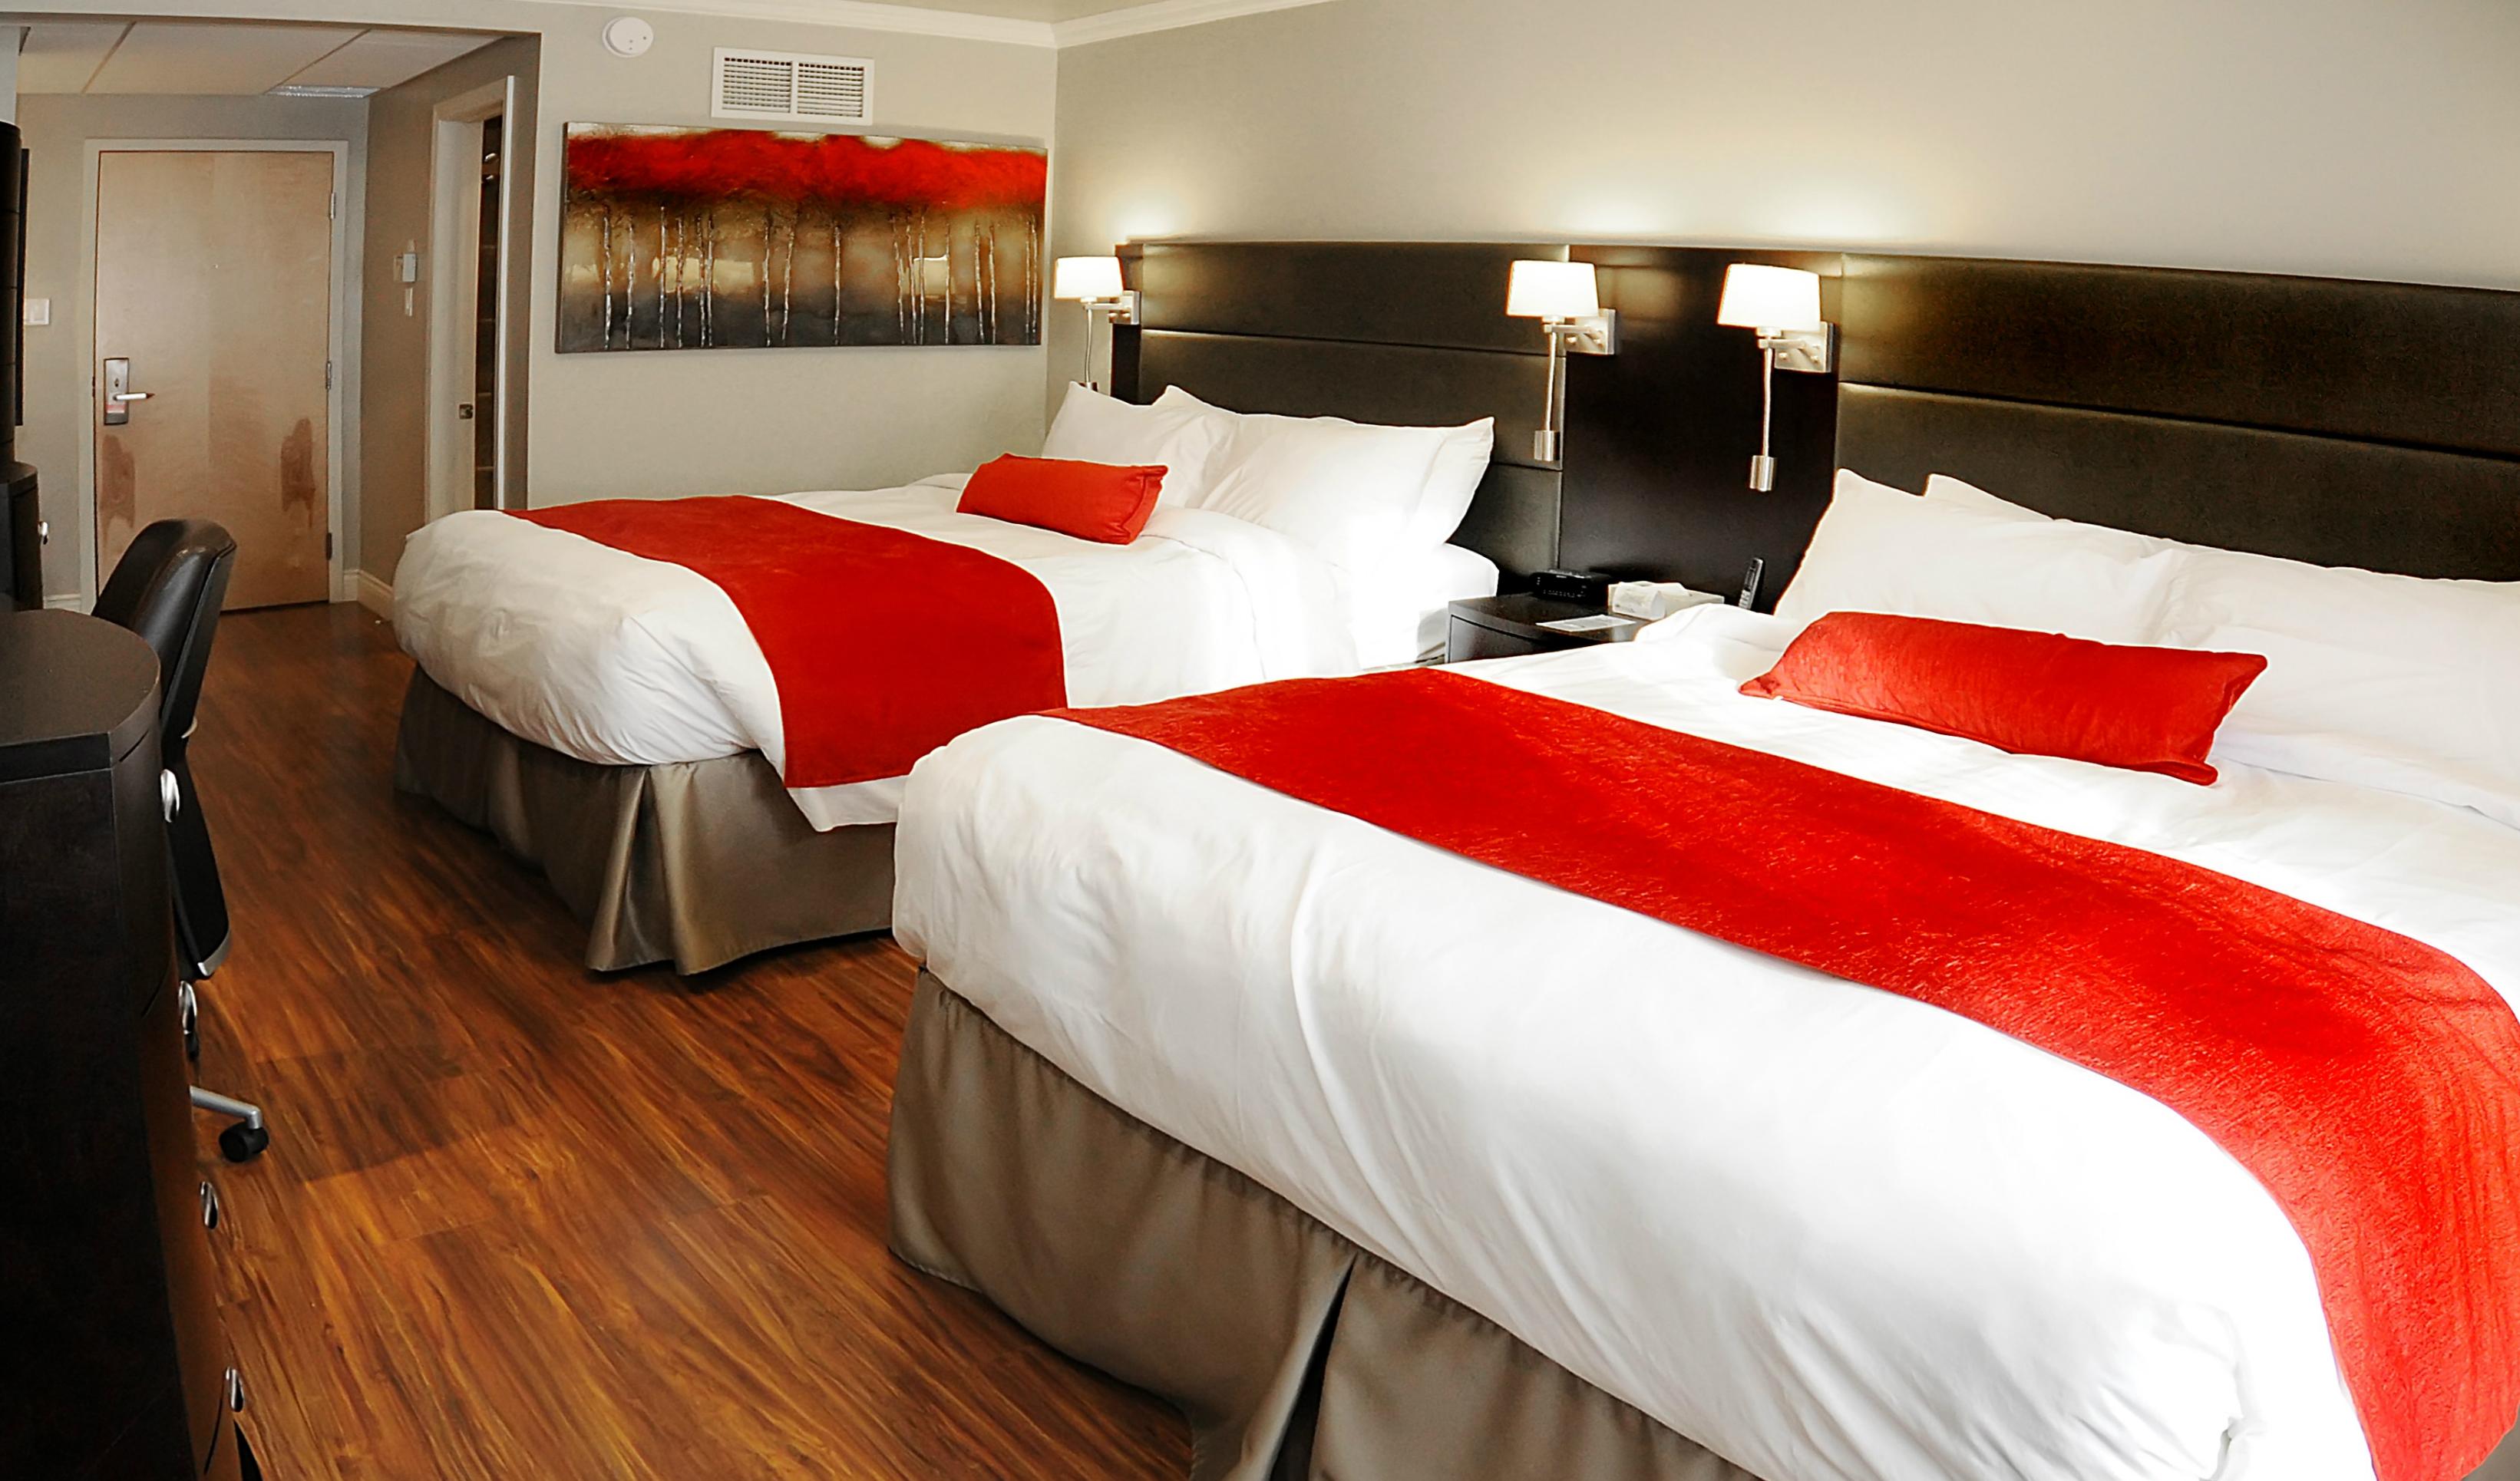 H tels motels et auberges ville drummondville for Motel le suite pudahuel